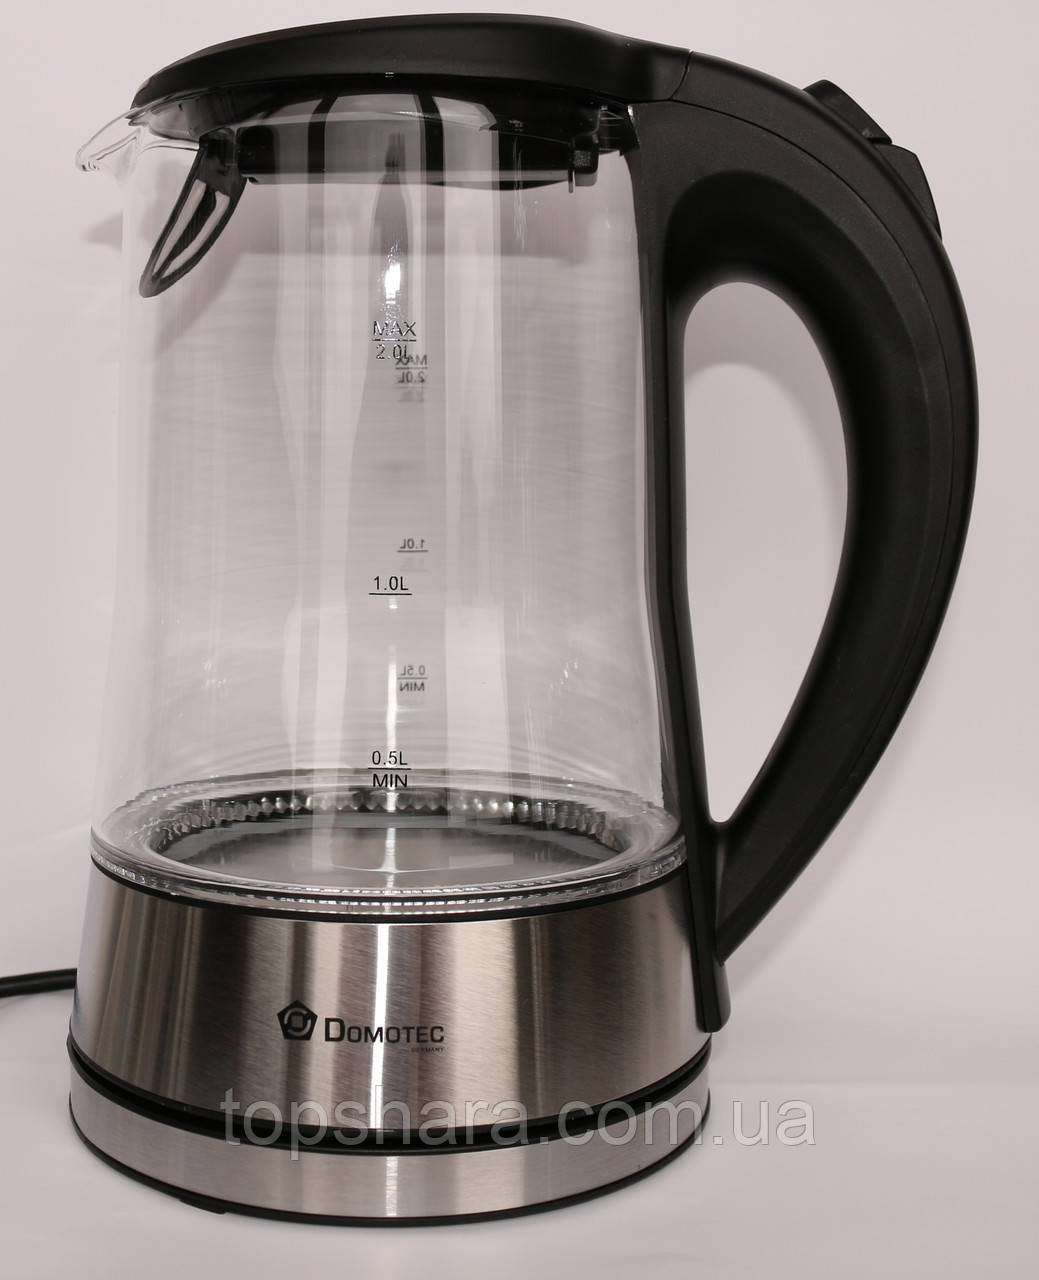 Электрочайник Domotec DT-704 чайник 2 л. черный